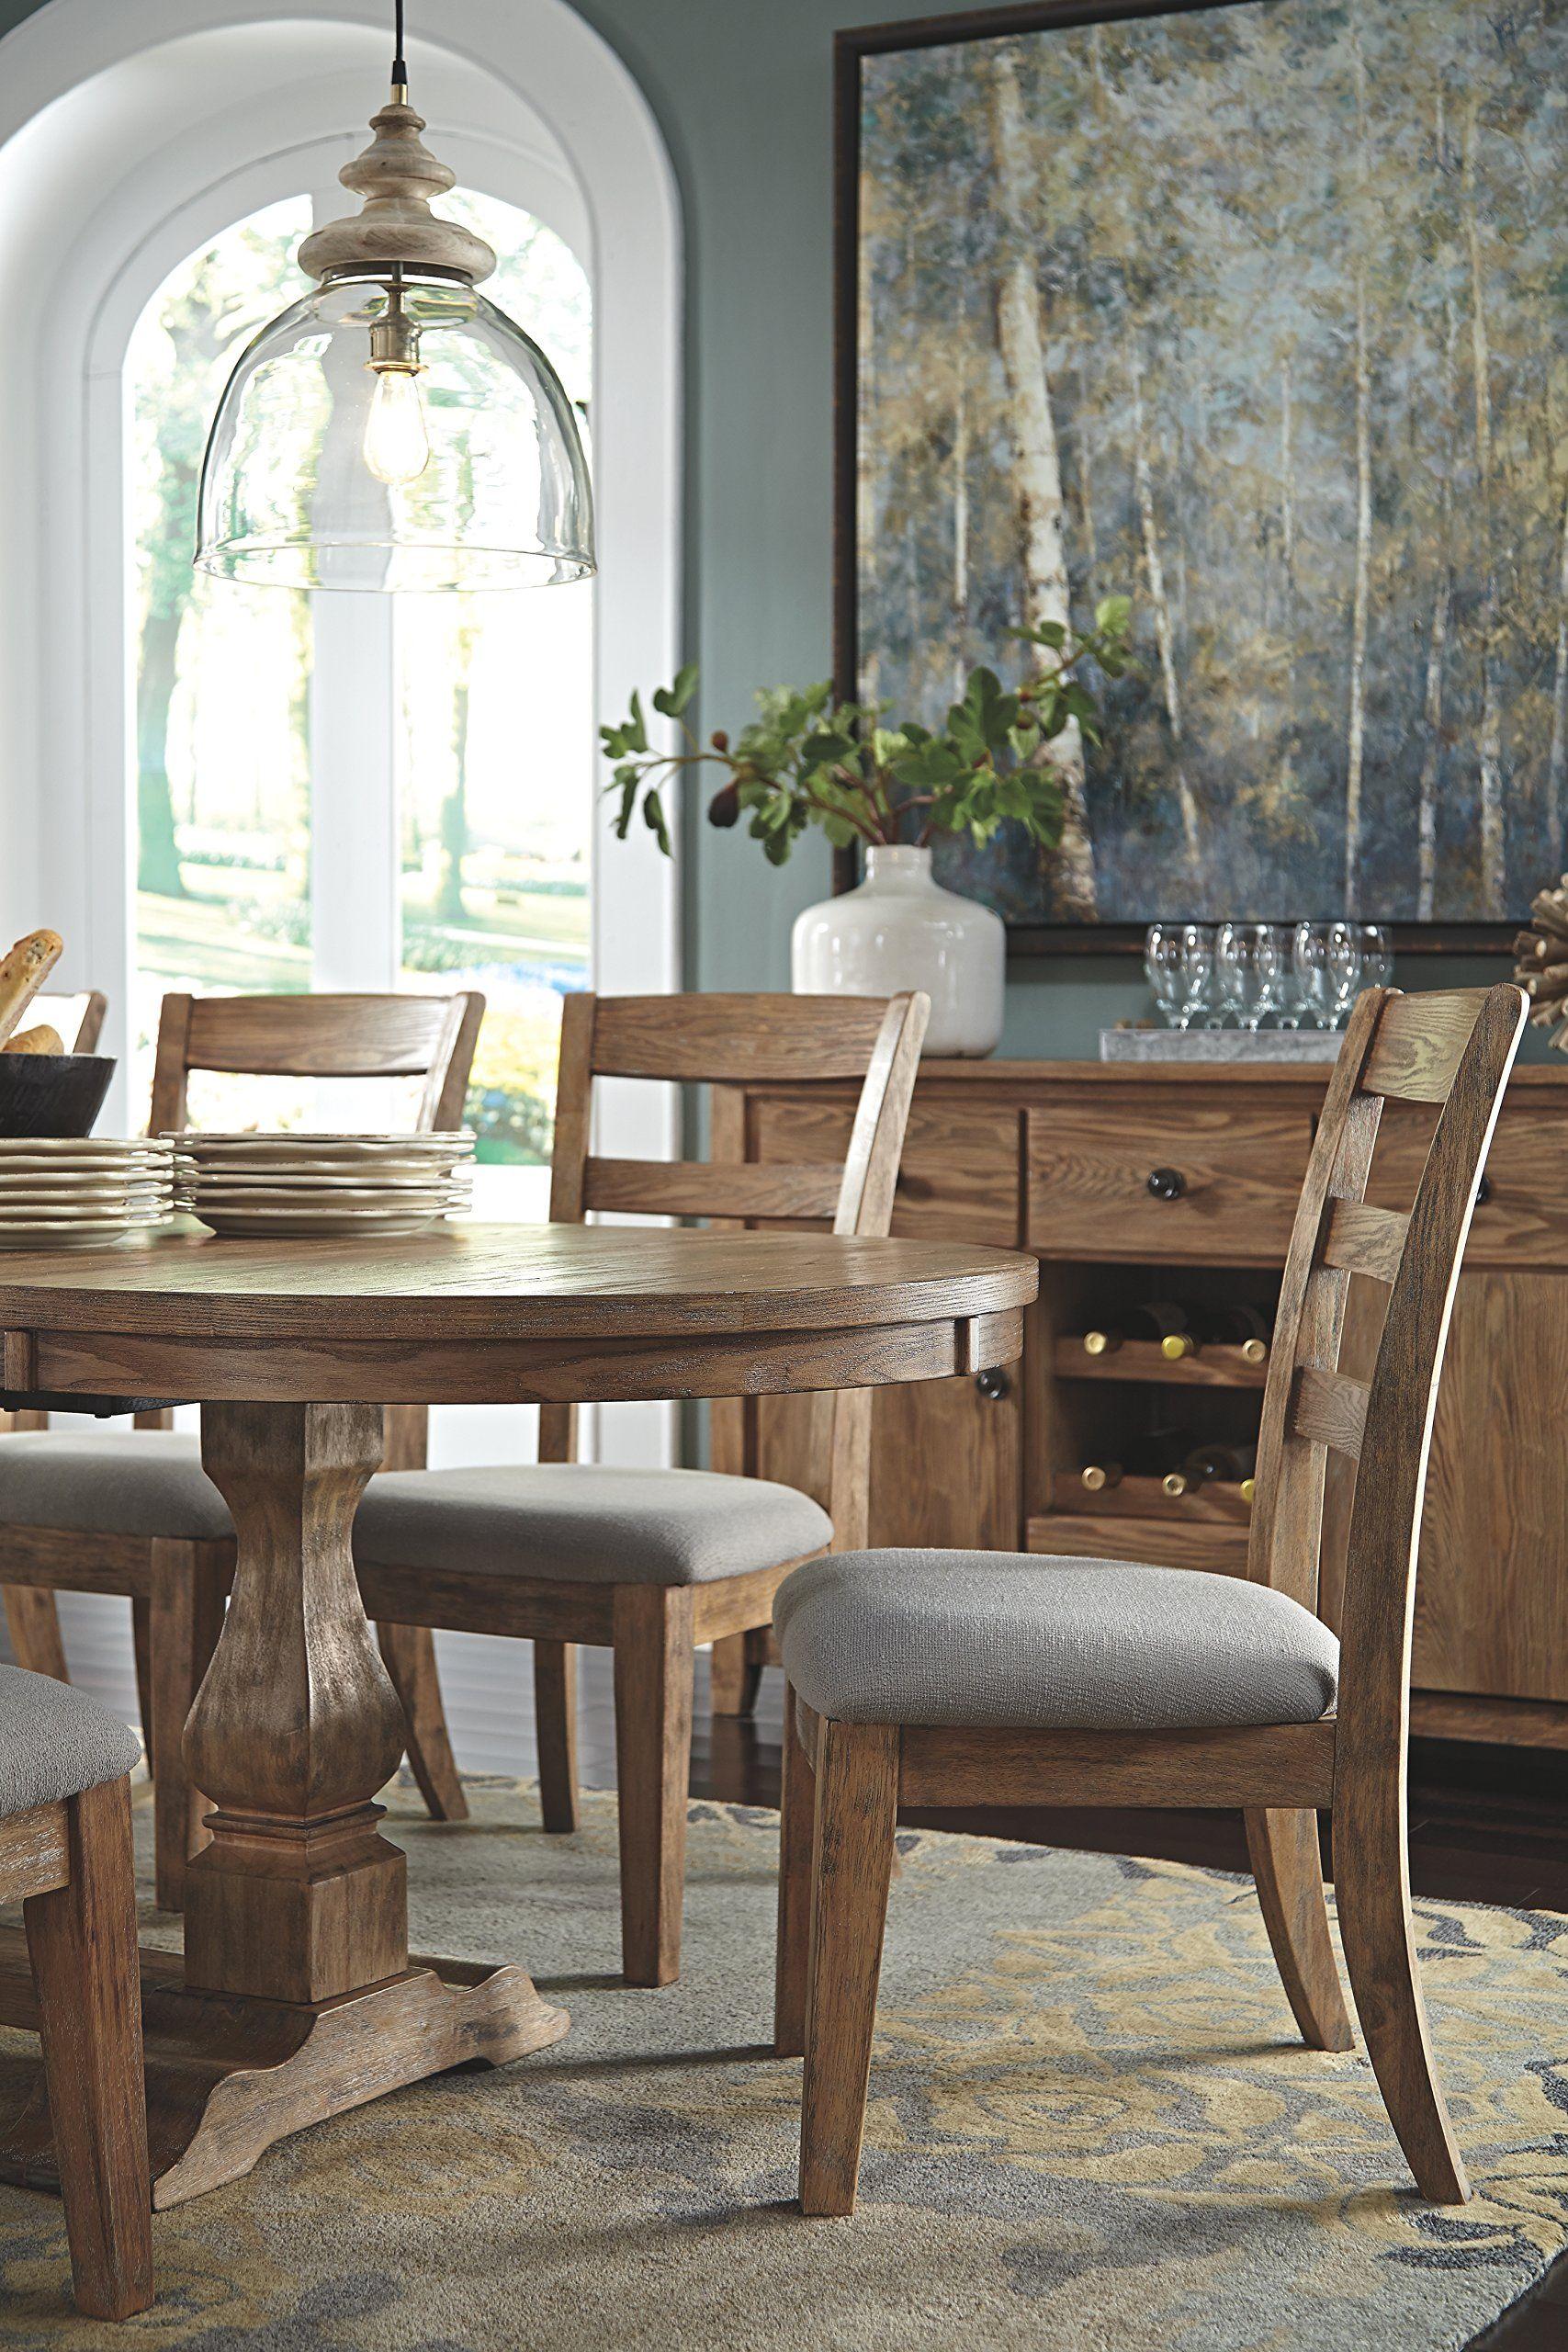 Ashley Furniture Signature Design Farica